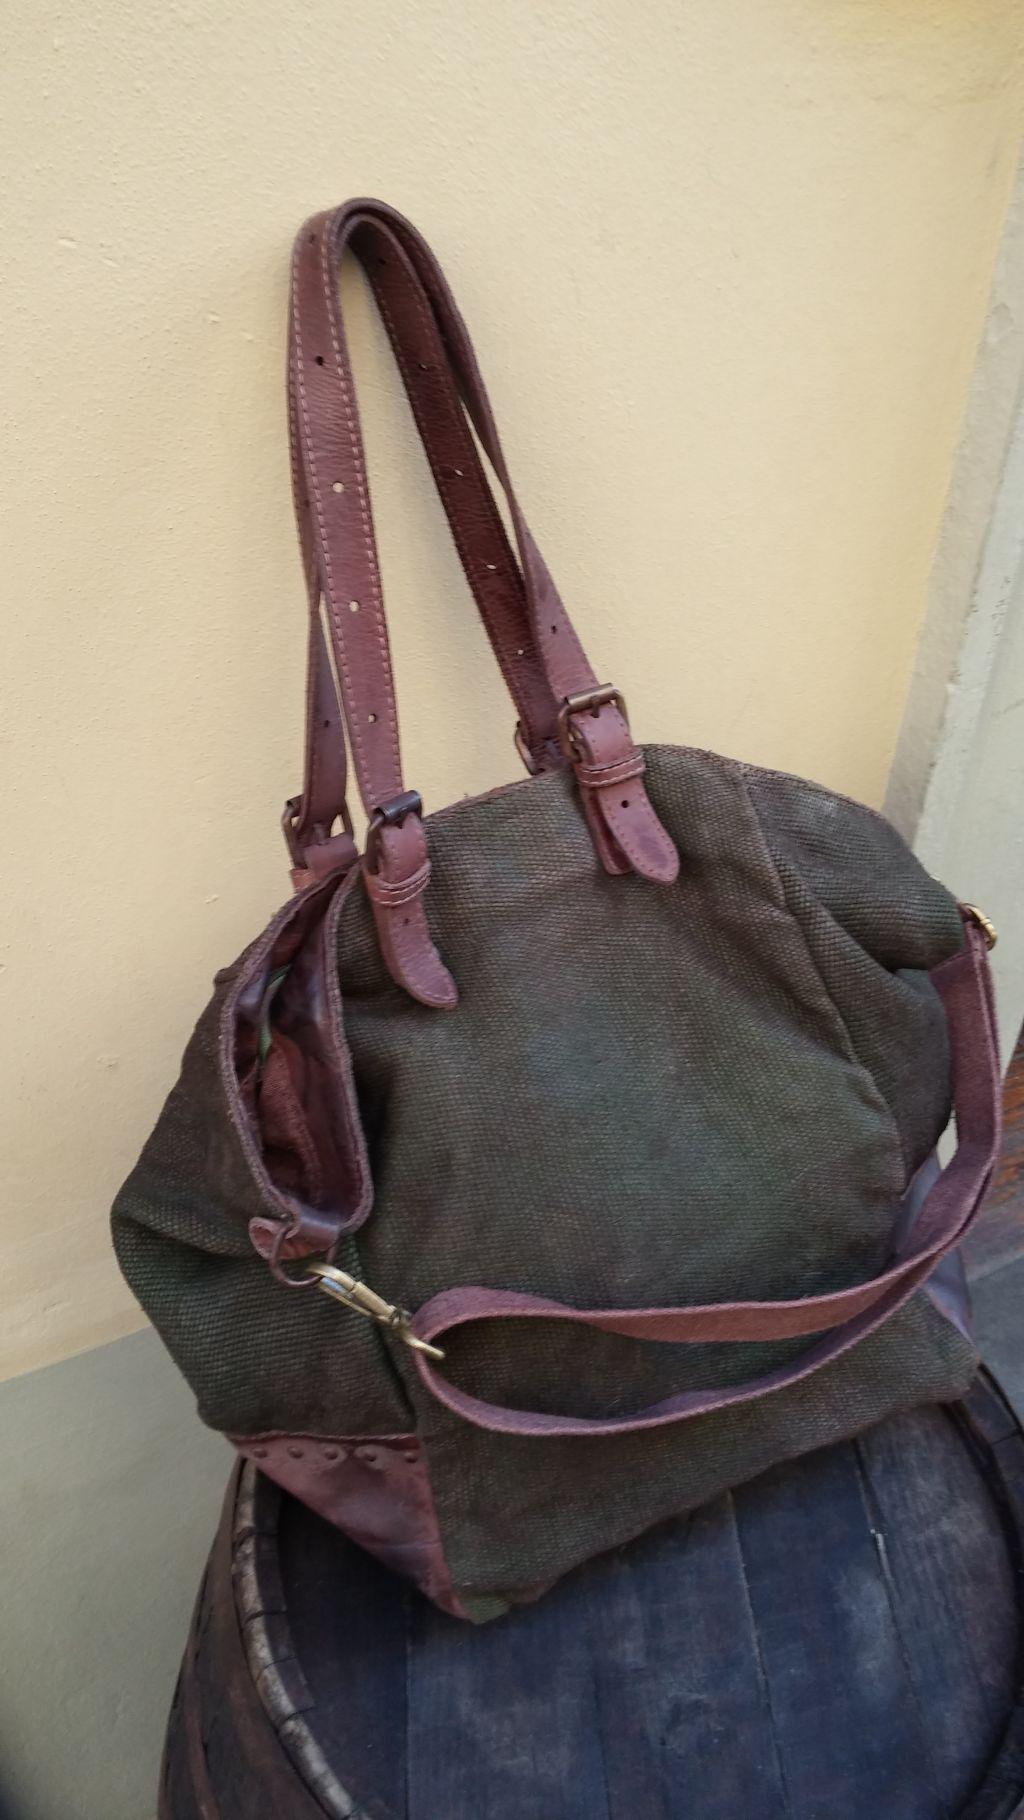 FL1014-borsa-shopping-vitello-tessuto-militare-4